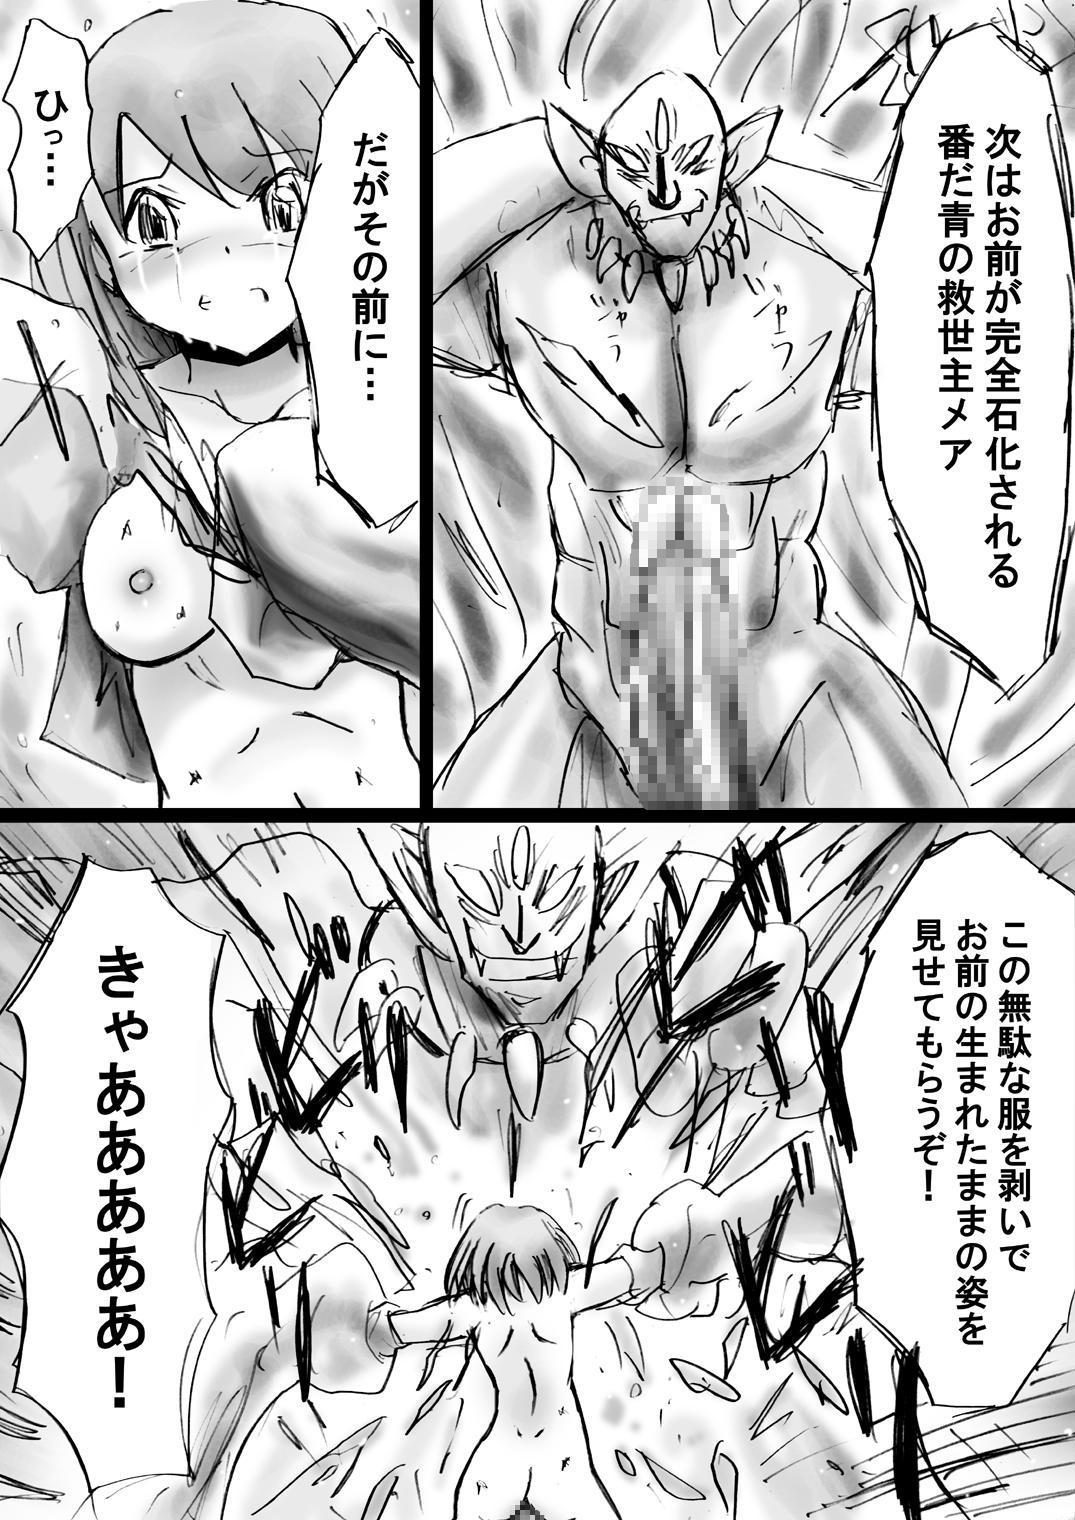 [Dende] Fushigi Sekai -Mystery World- no Nona 17 ~ Taiketsu Fujimi no Dai Inma Dakurasu, Kanzen Sekka no Kyoufu 14